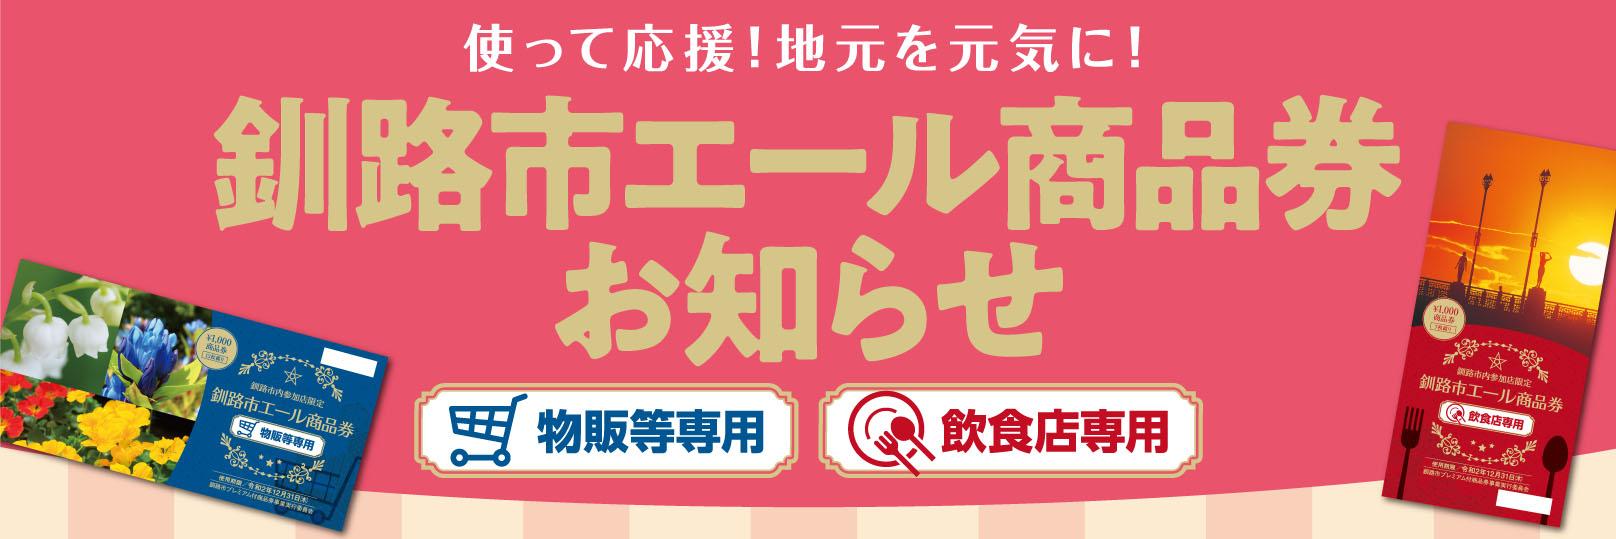 北海道 在庫 処分 応援 サイト